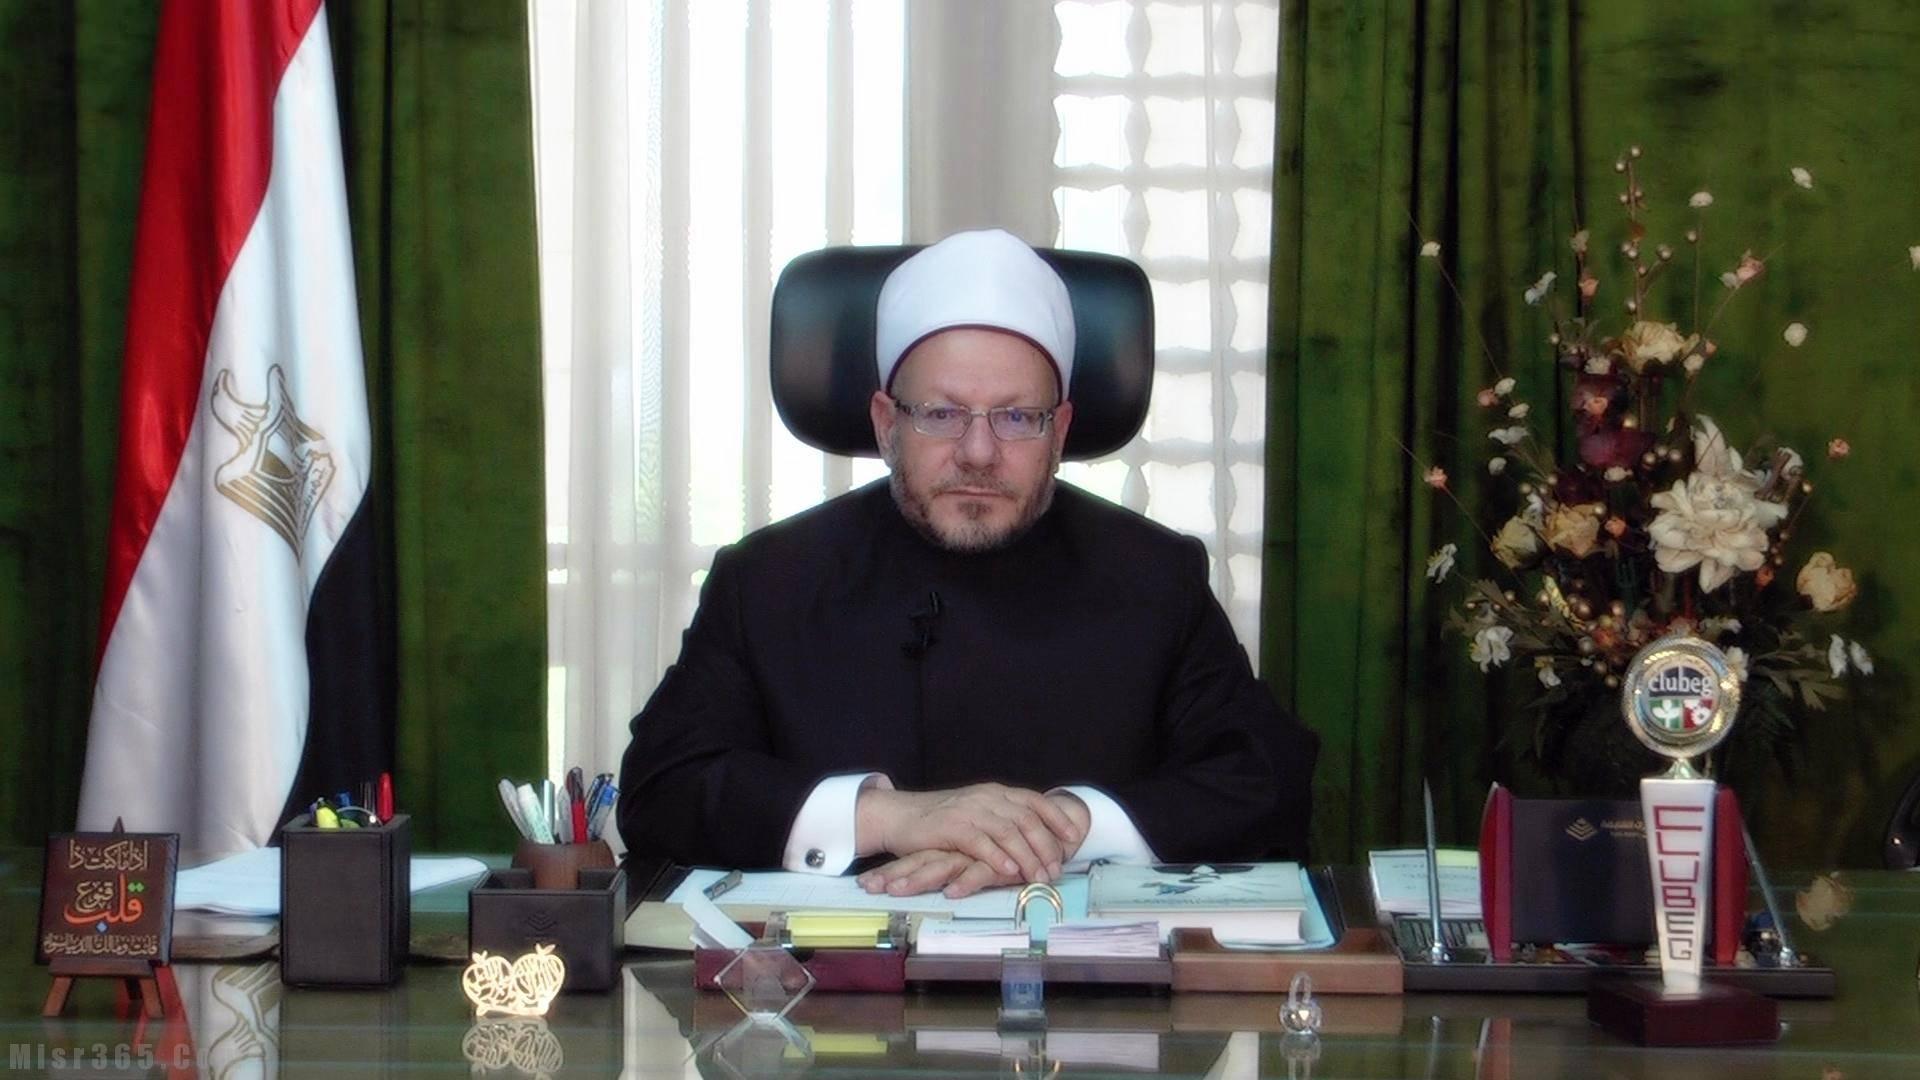 الإفتاء تعلن رسمياً غرة شهر شعبان والبحوث الفلكية تحدد موعد شهر رمضان 2021 وعيد الفطر بمصر والسعودية